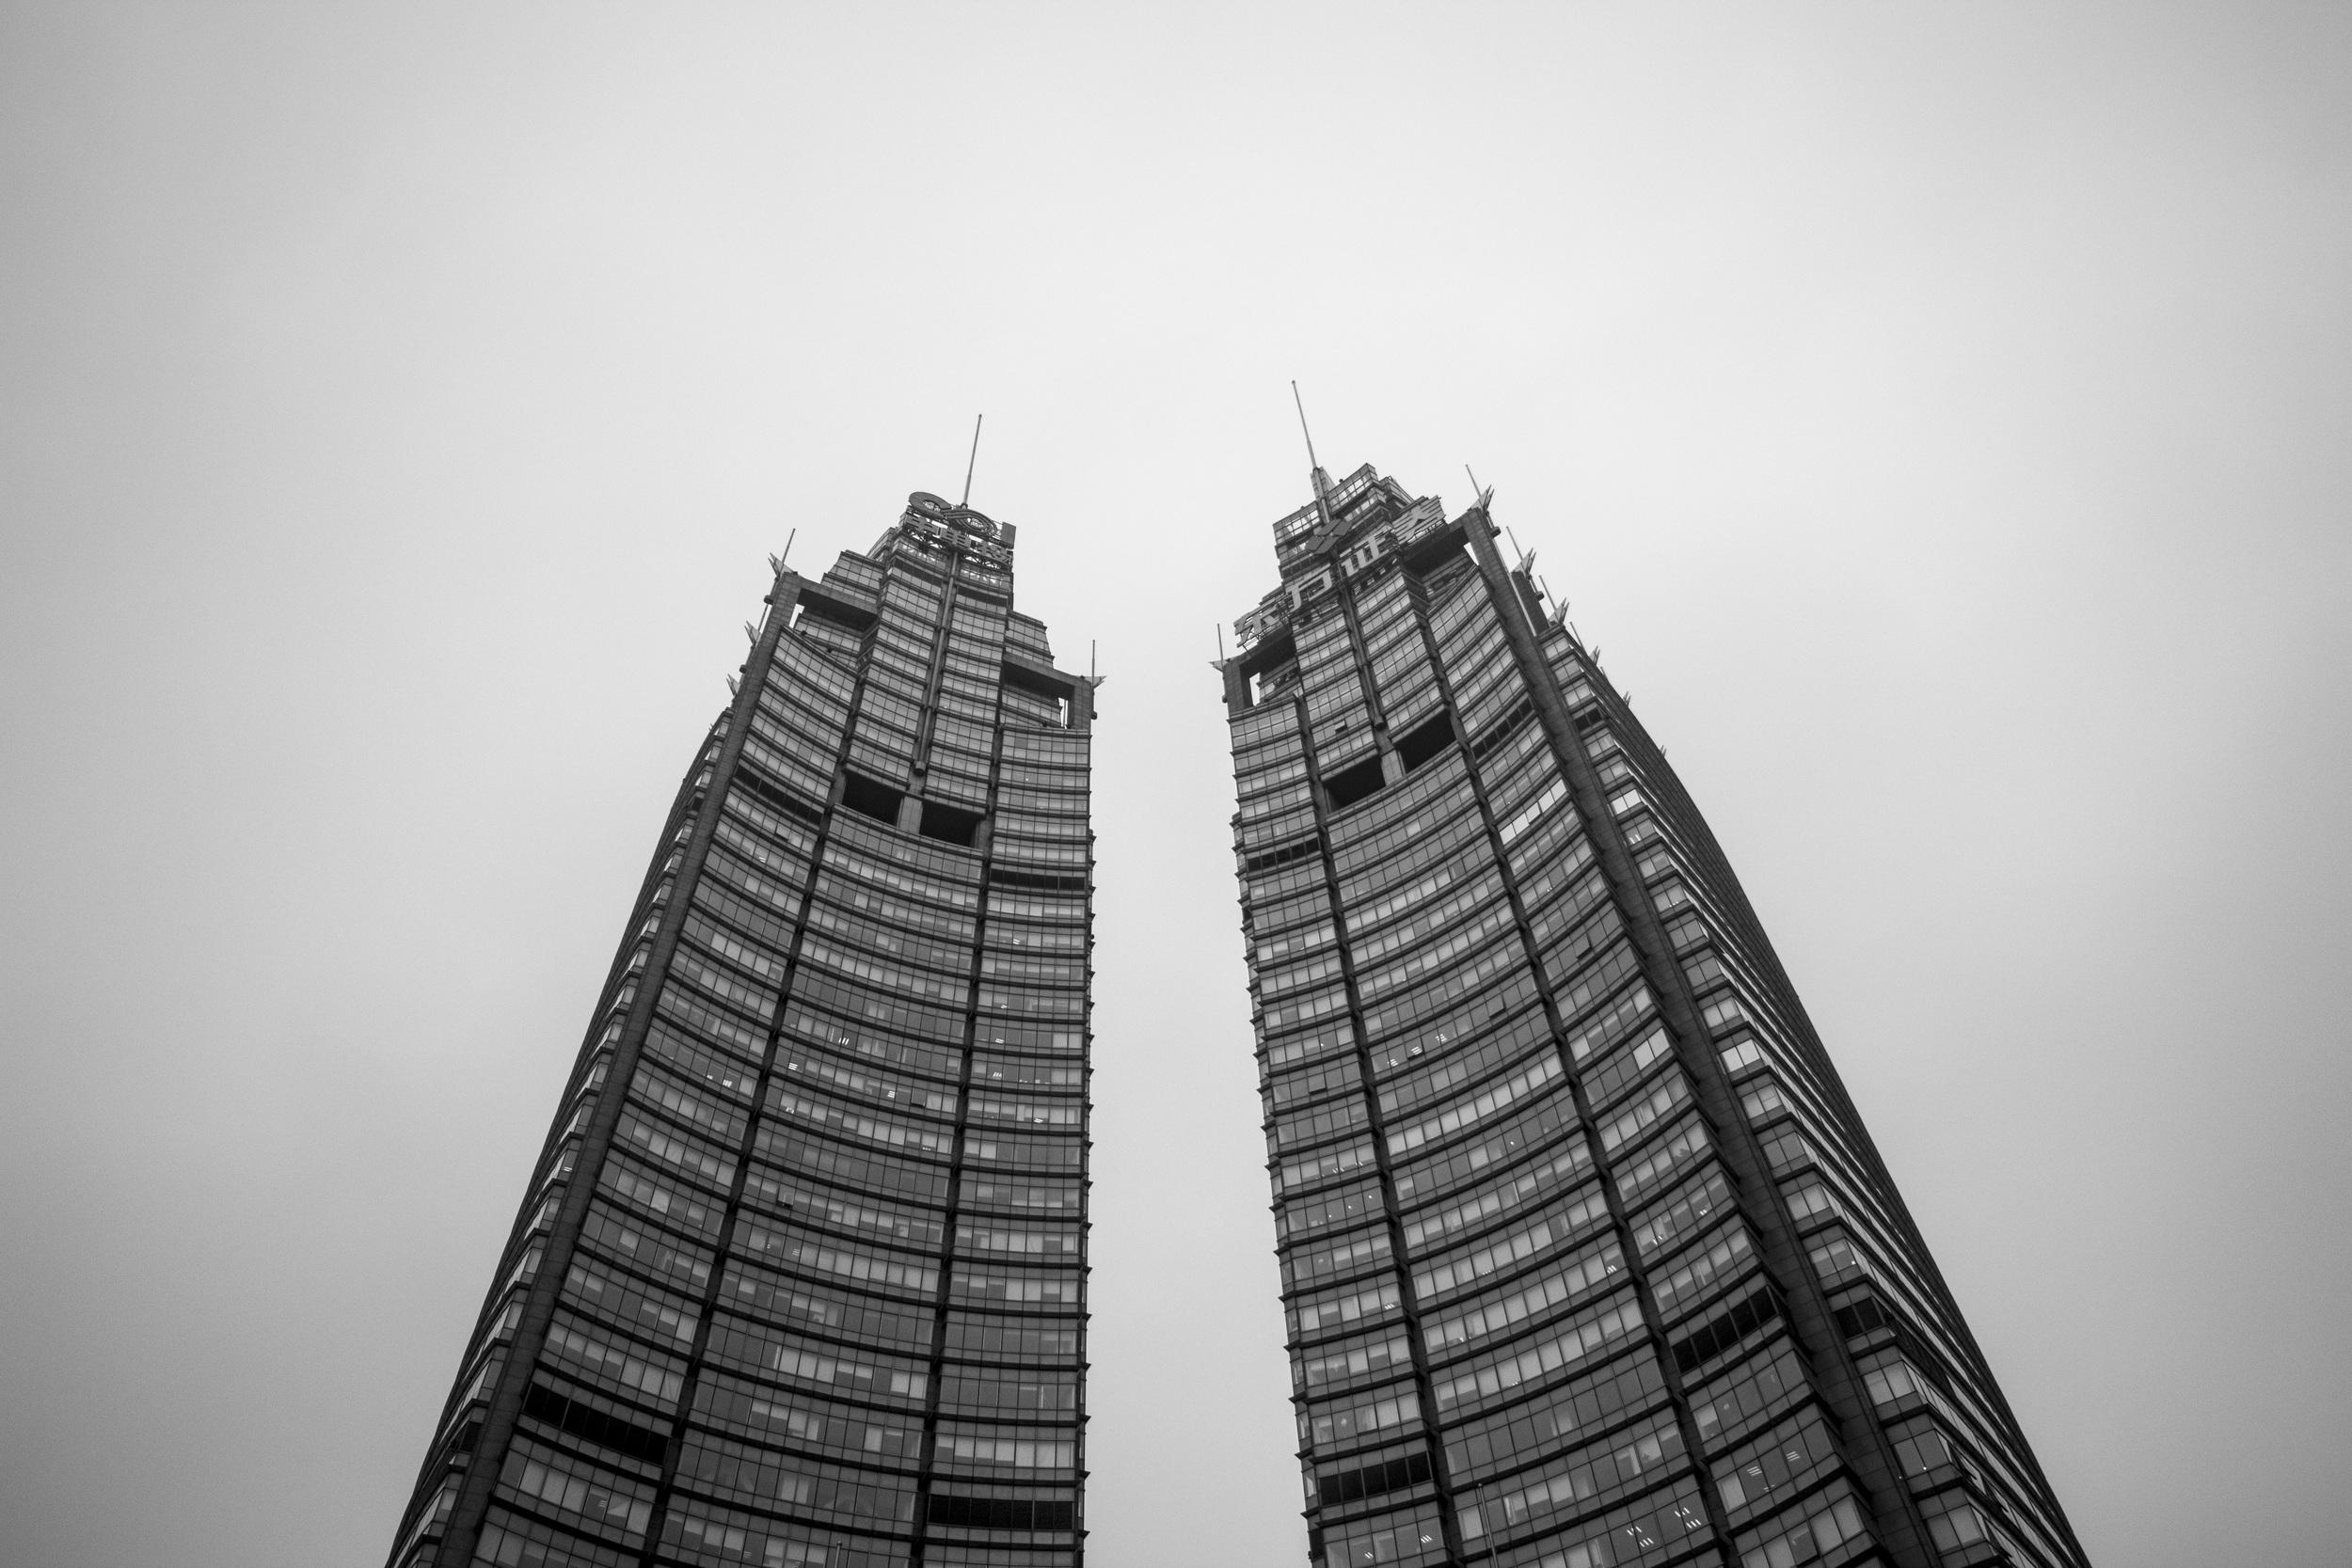 shanghi towers.jpg